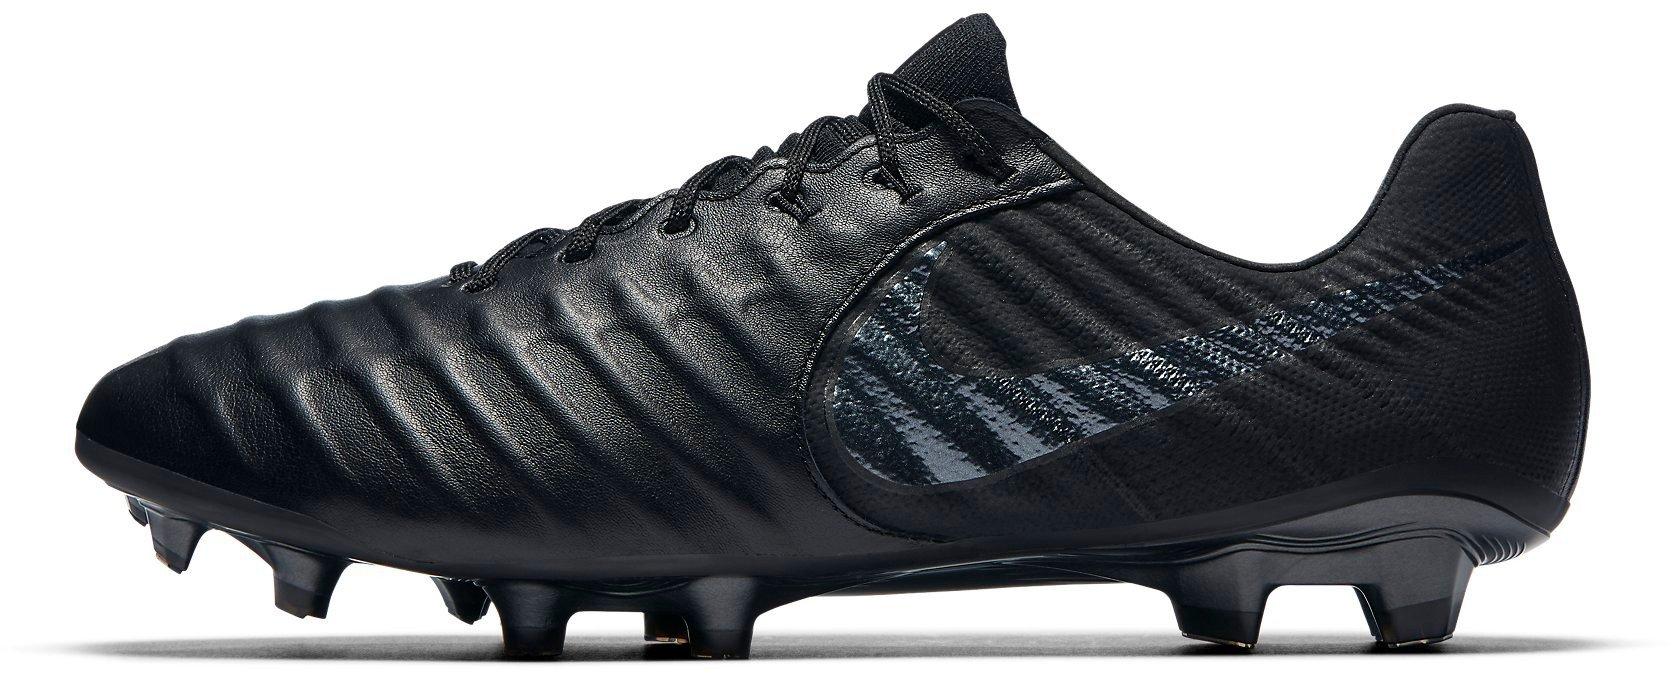 Kopačky Nike LEGEND 7 ELITE FG černá